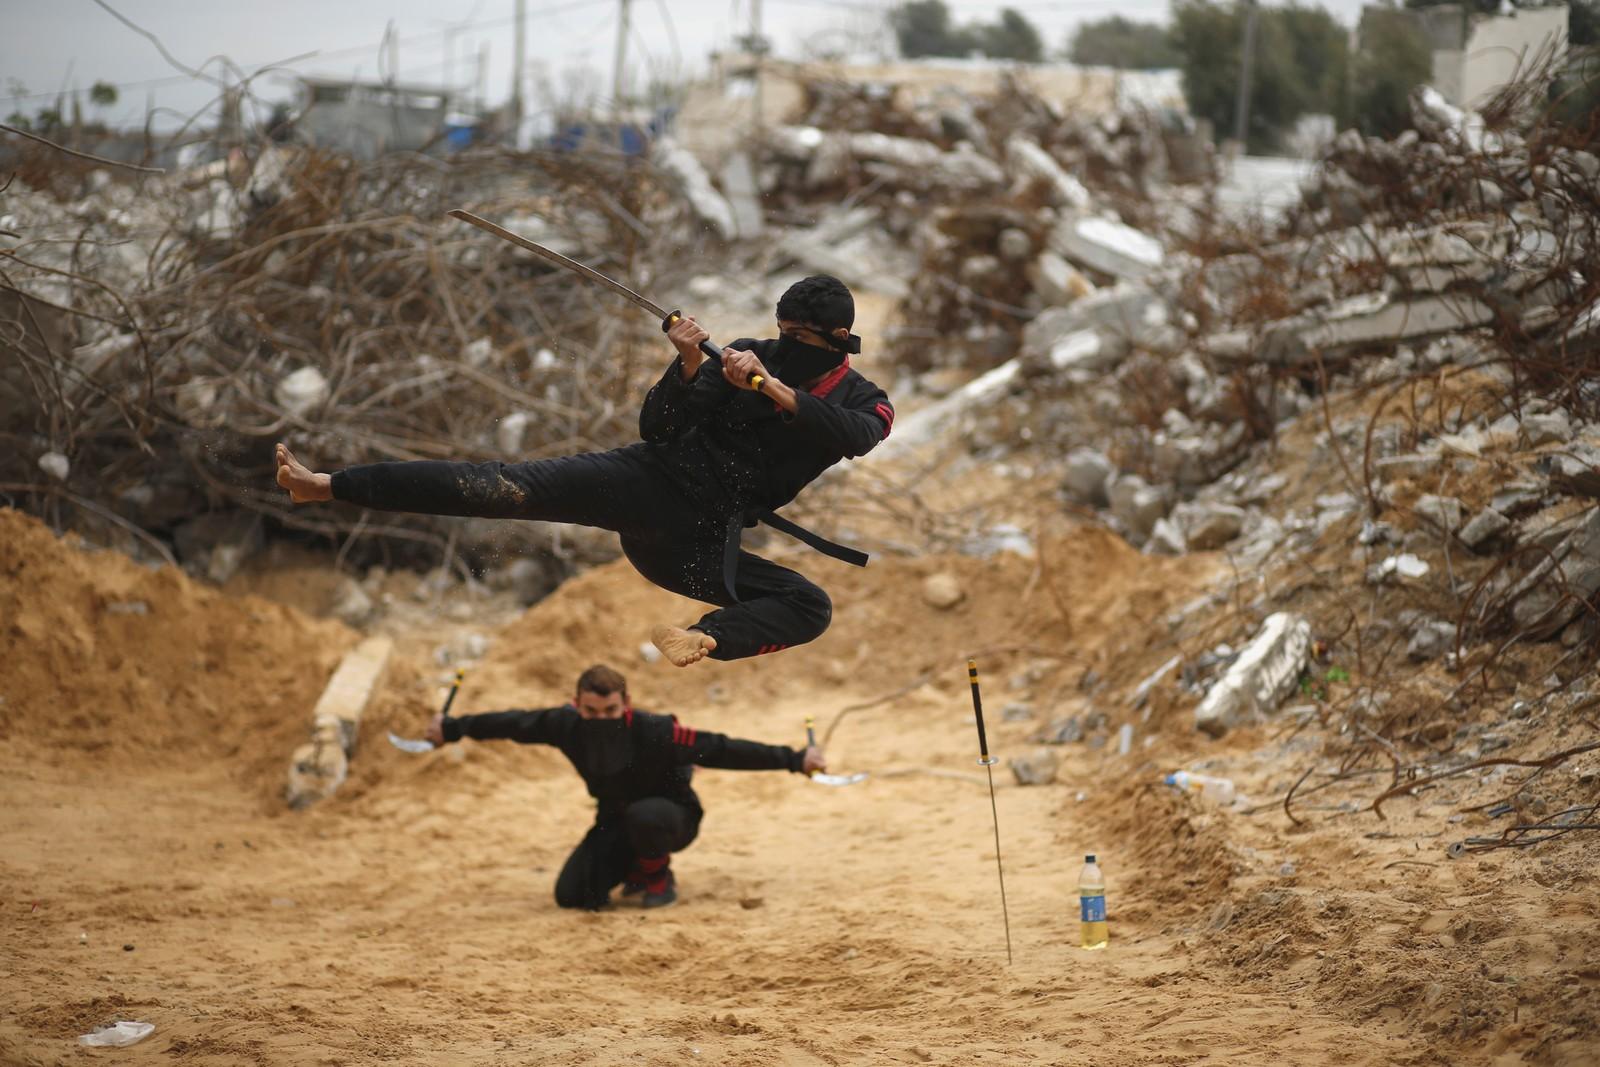 Palestinske ungdommer viser fram sine ninja-lignende ferdigheter foran ruiner av bygninger i Gaza. Guttene har gått i trening i to år, og håper nyhetsbyråenes bilder vil sørge for oppmerksomhet nok til at de blir invitert til internasjonale konkurranser.